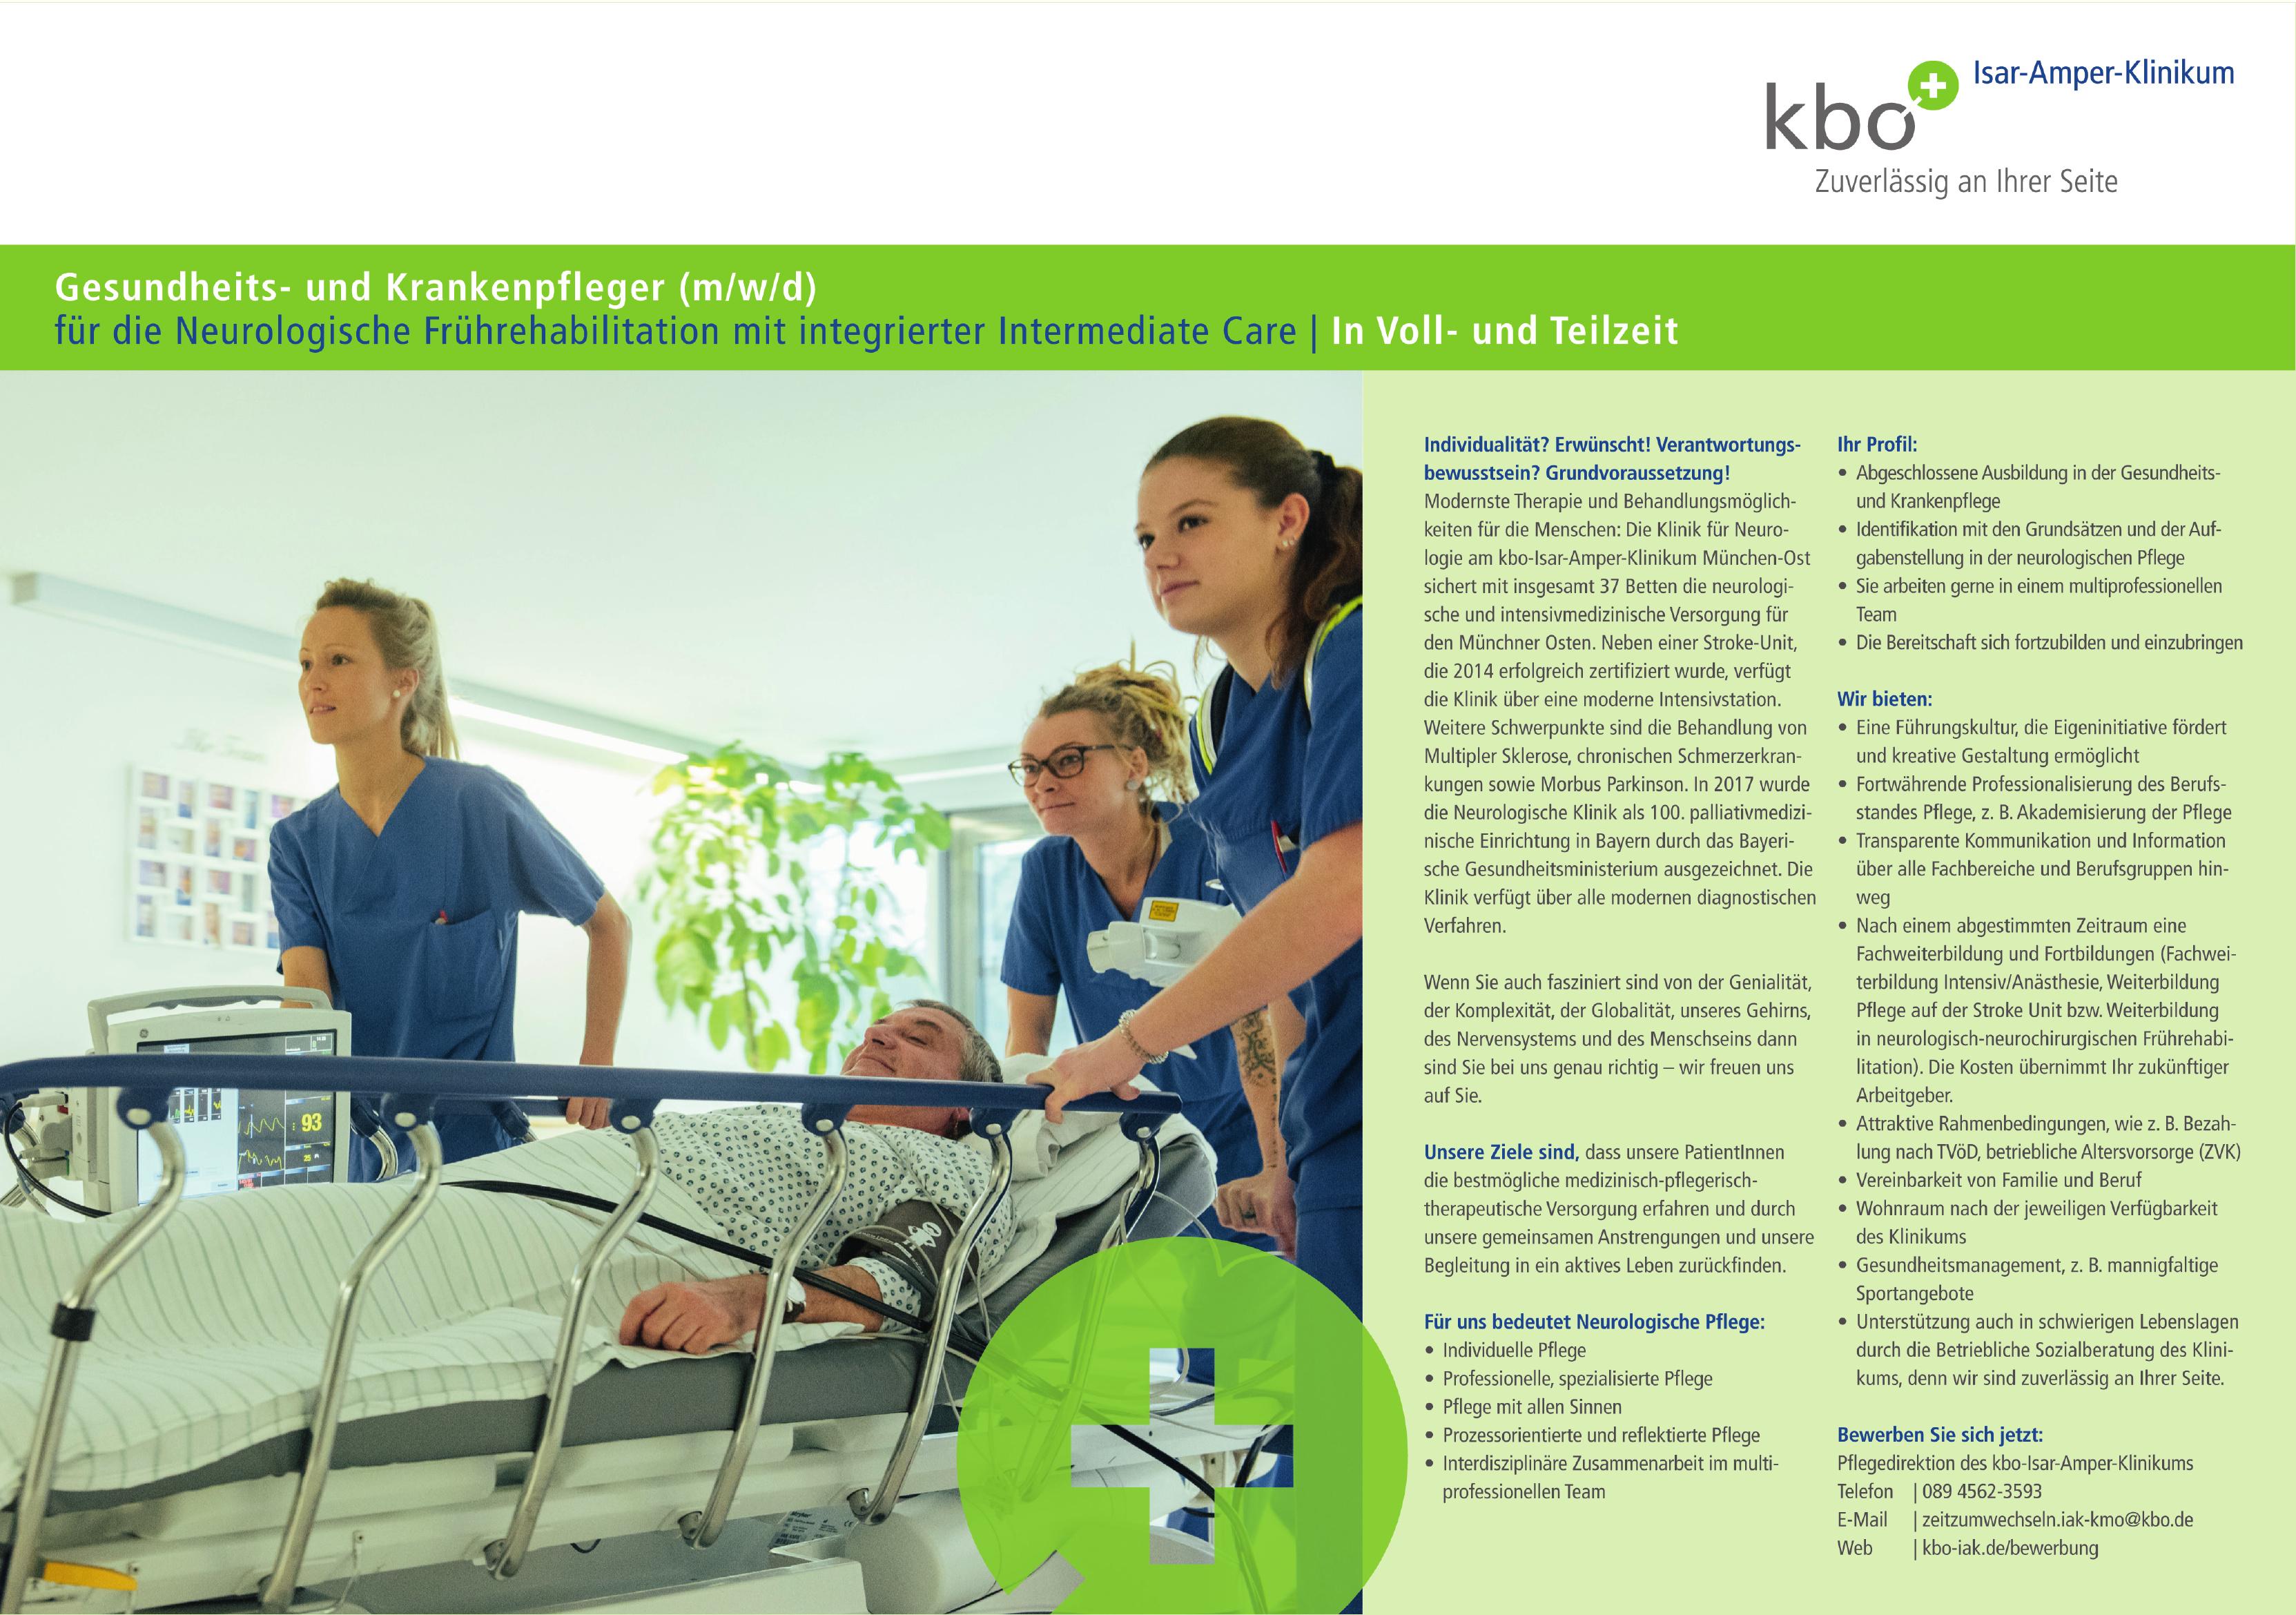 kbo-Isar-Amper-Klinikum